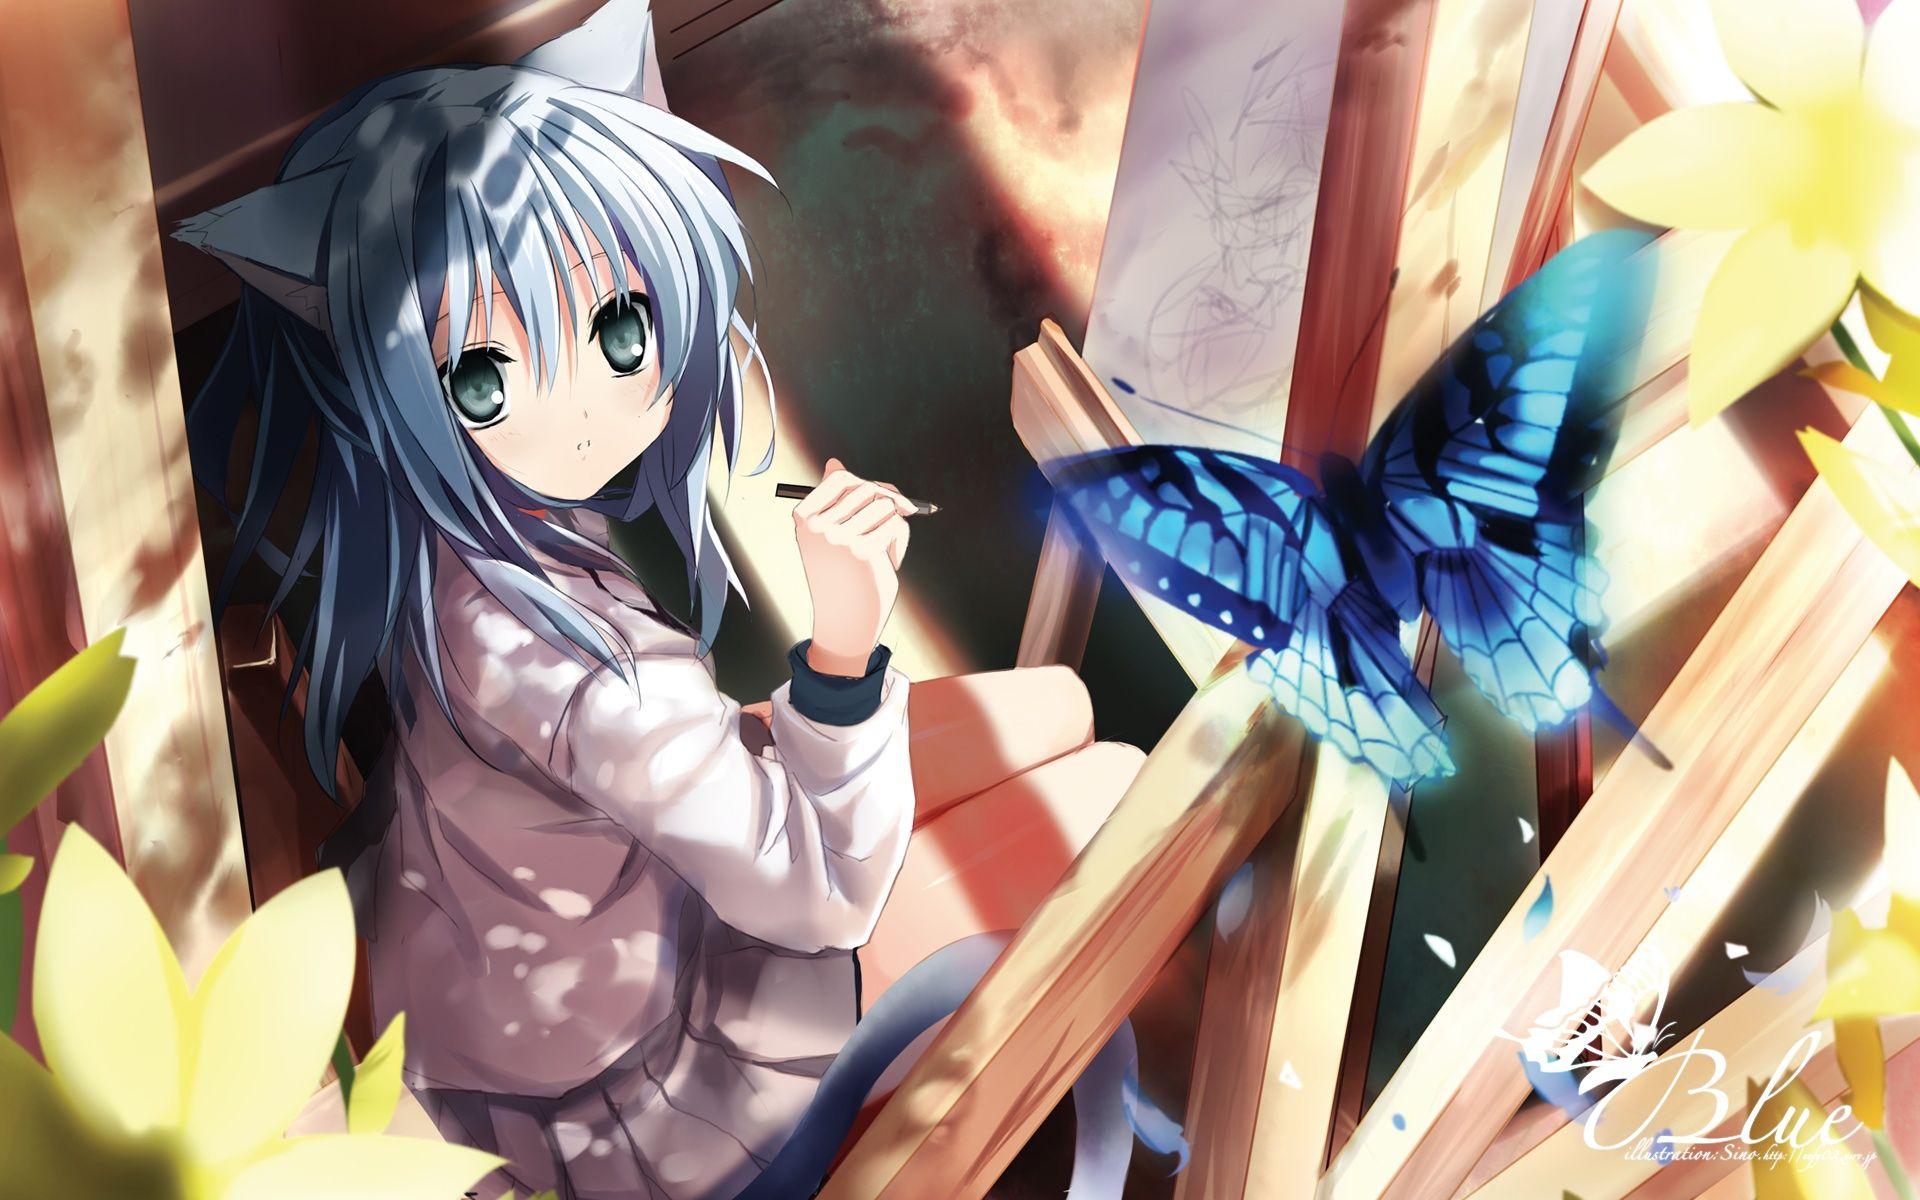 Anime HD Wallpaper 4K 102 พื้นหลัง